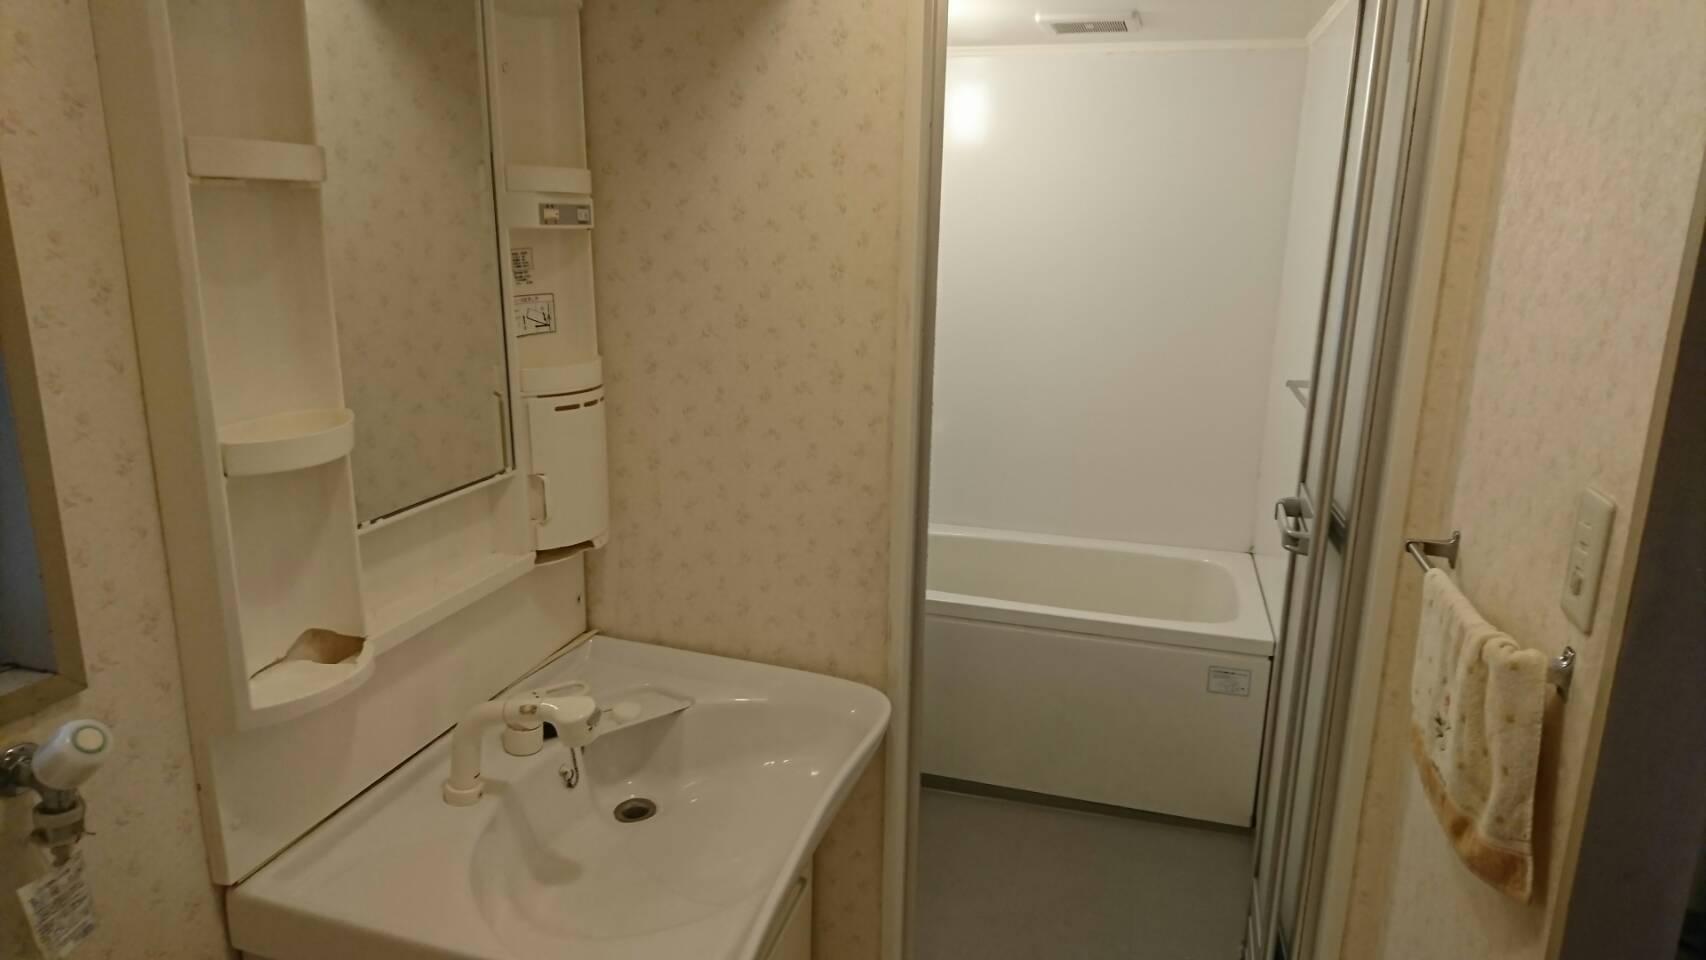 リノベーション前のマンションの洗面所とお風呂